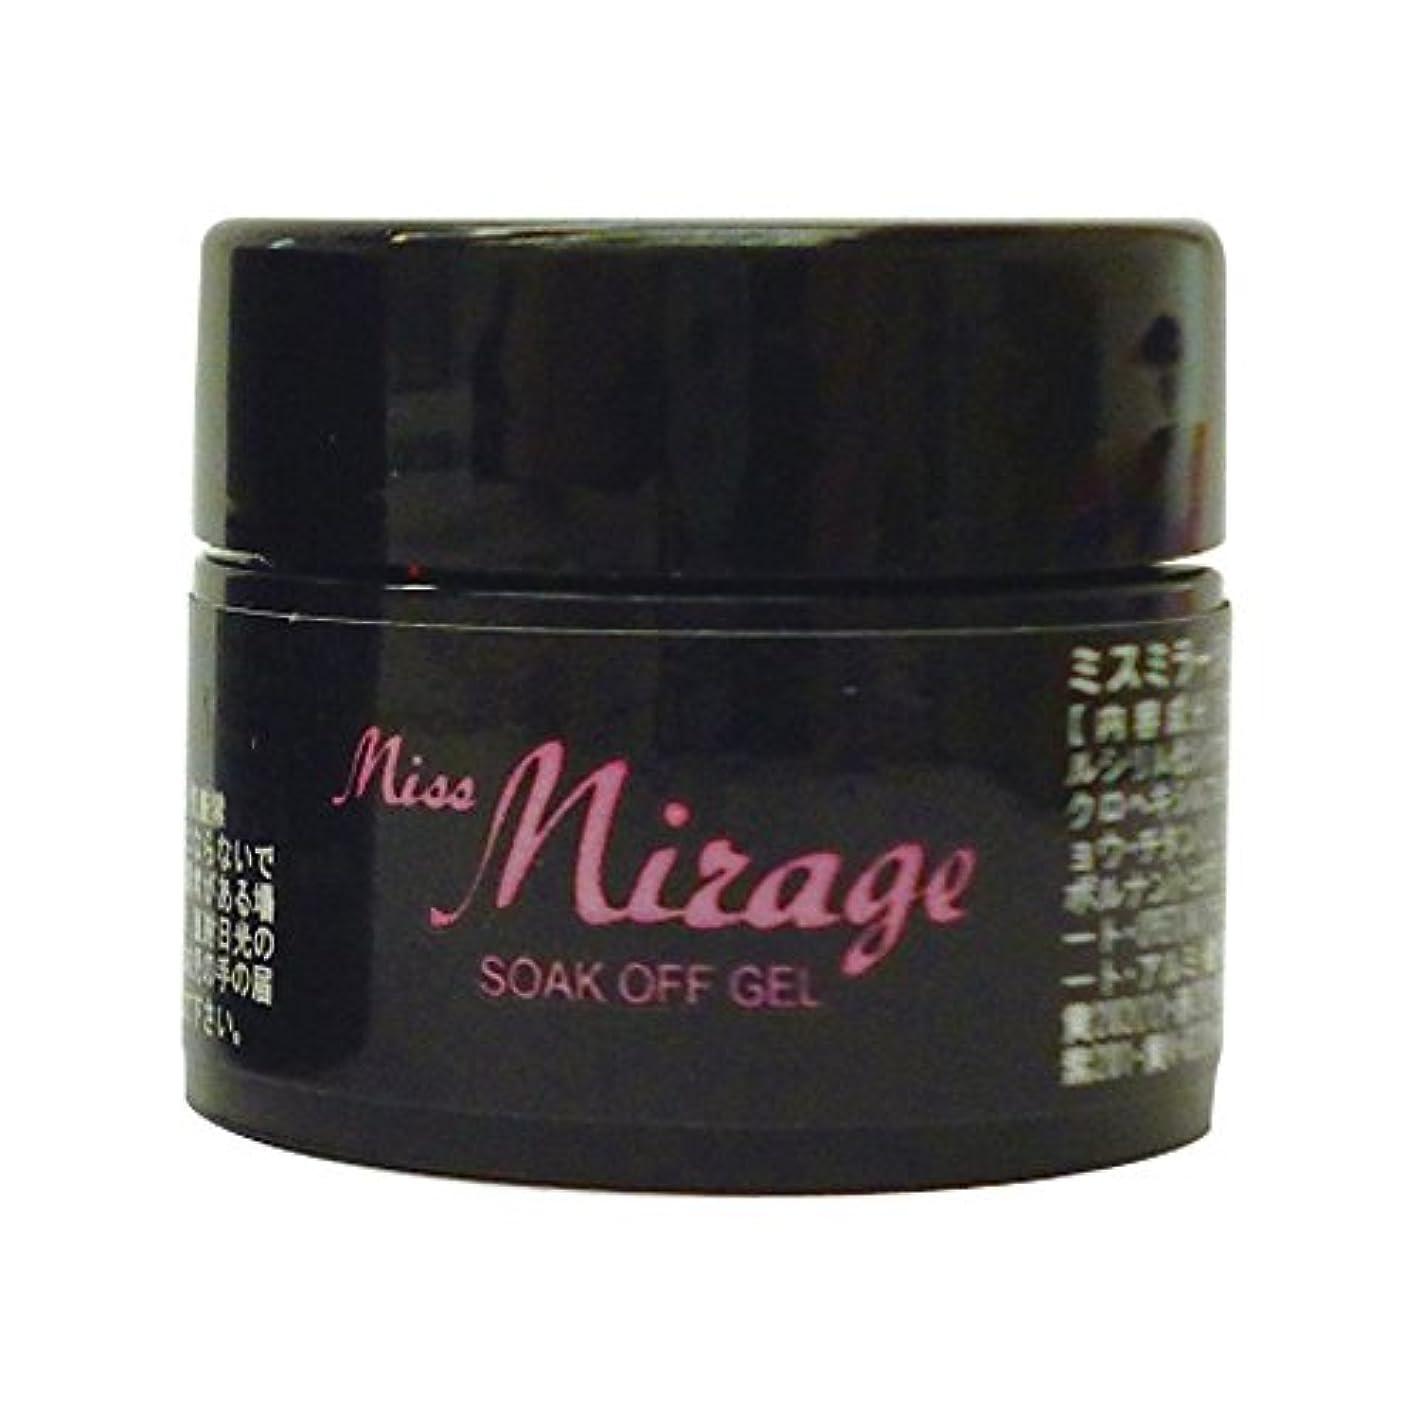 藤色耐久分子Miss Mirage ソークオフジェル TM21S 2.5g トゥルーリーライムグリーン